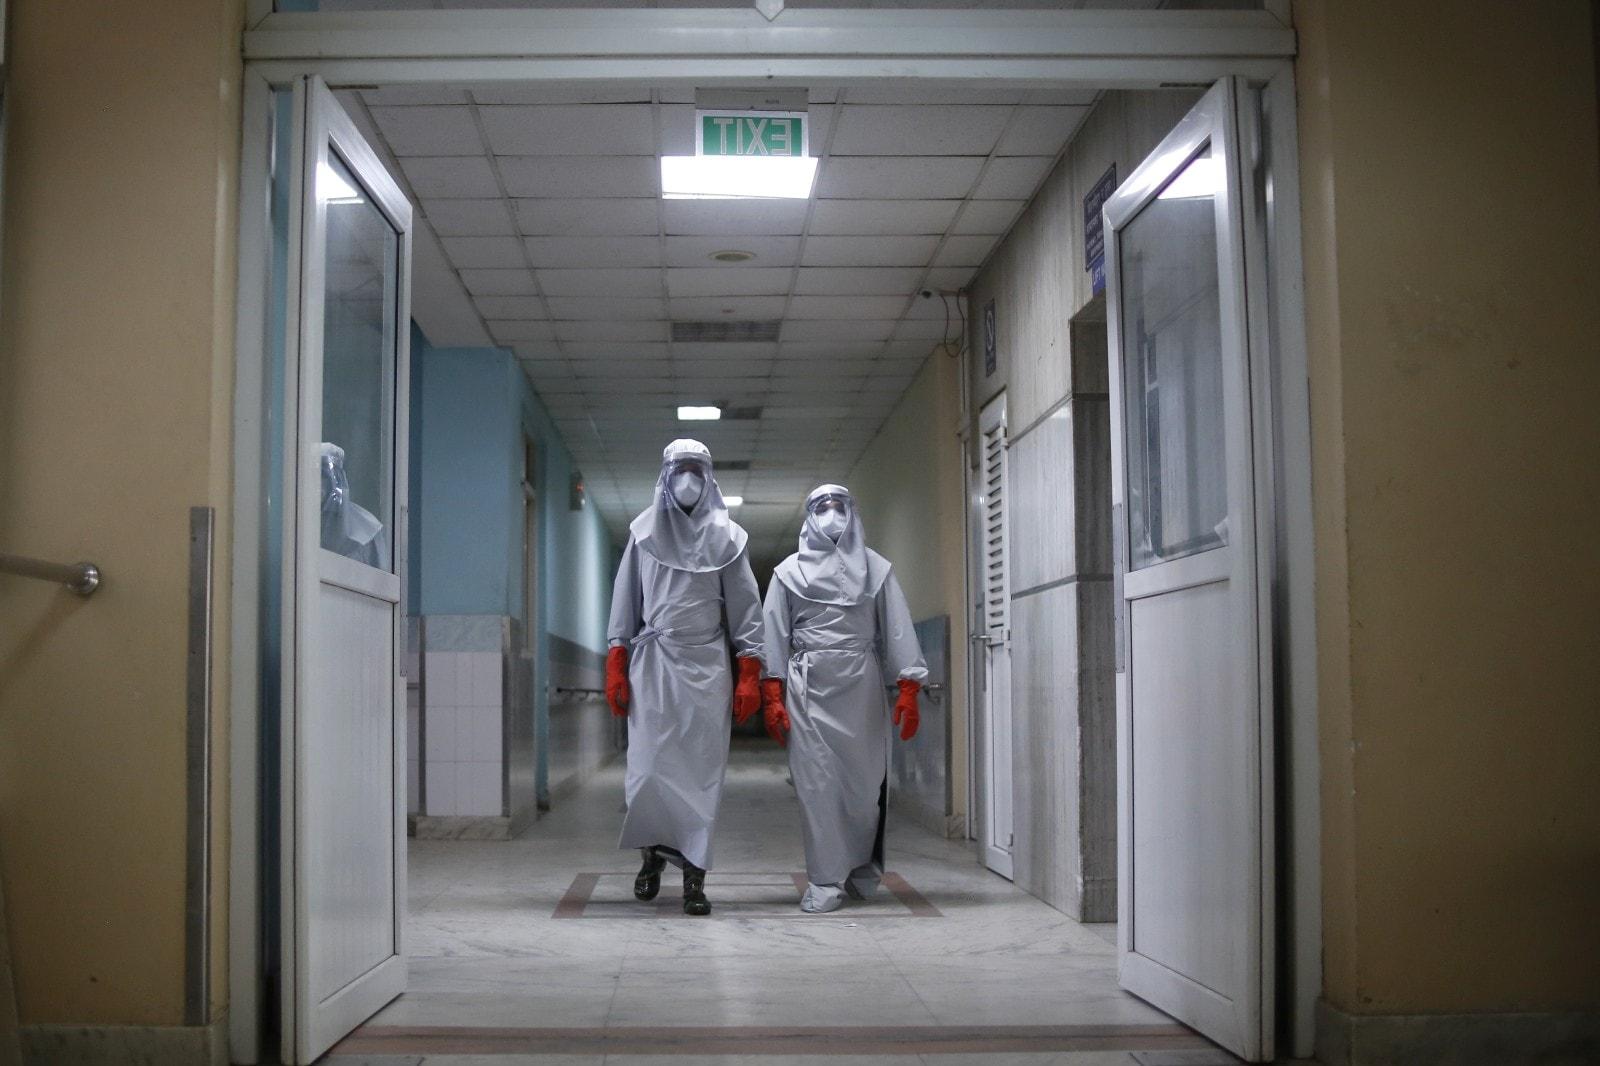 पाटन अस्पतालमा कोरोना संक्रमणको आशंकामा भर्ना भएका धादिंगको एक युवाको मृत्यु ।